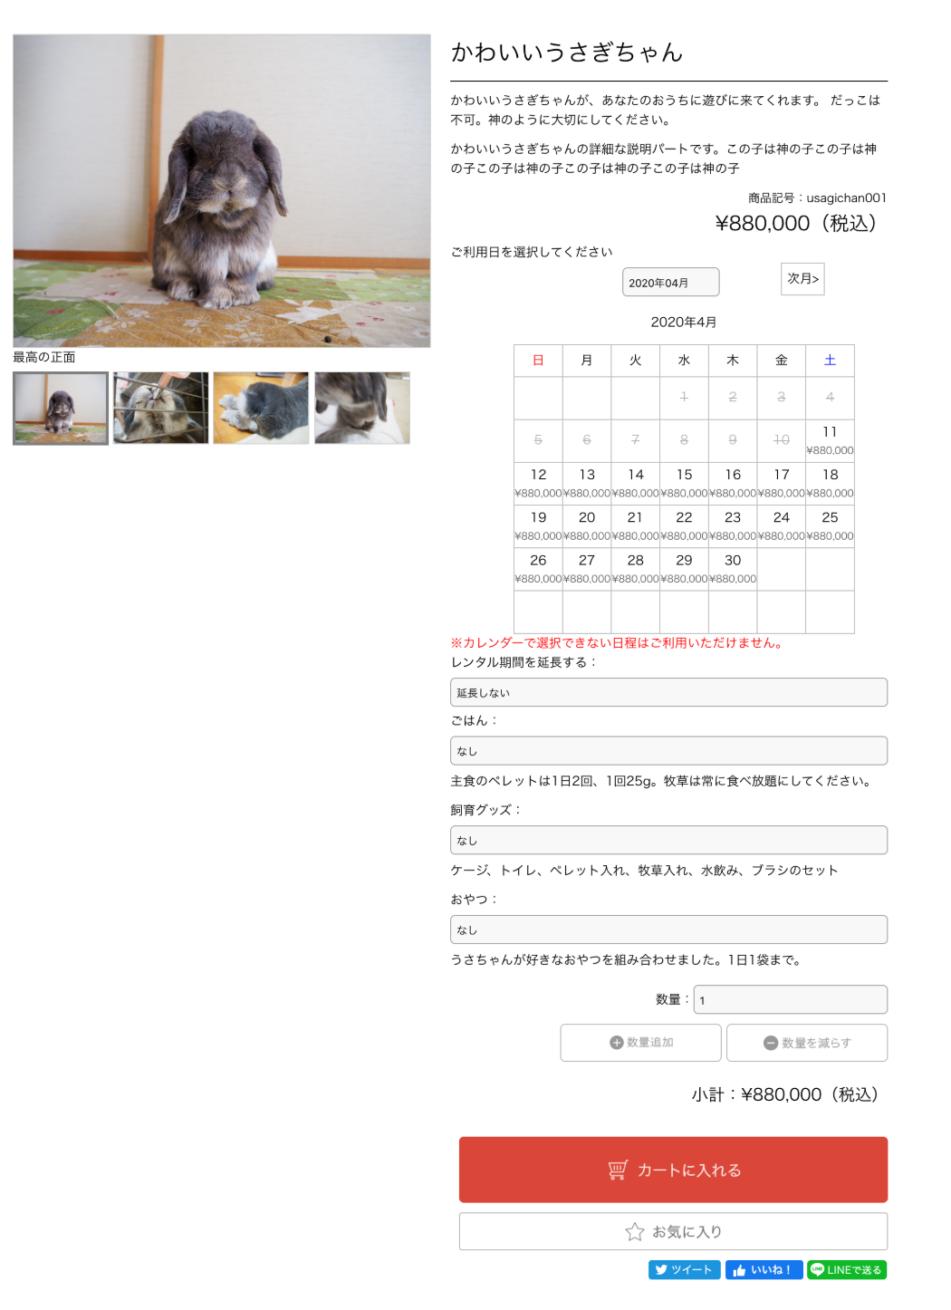 完成したレンタル商品のページ